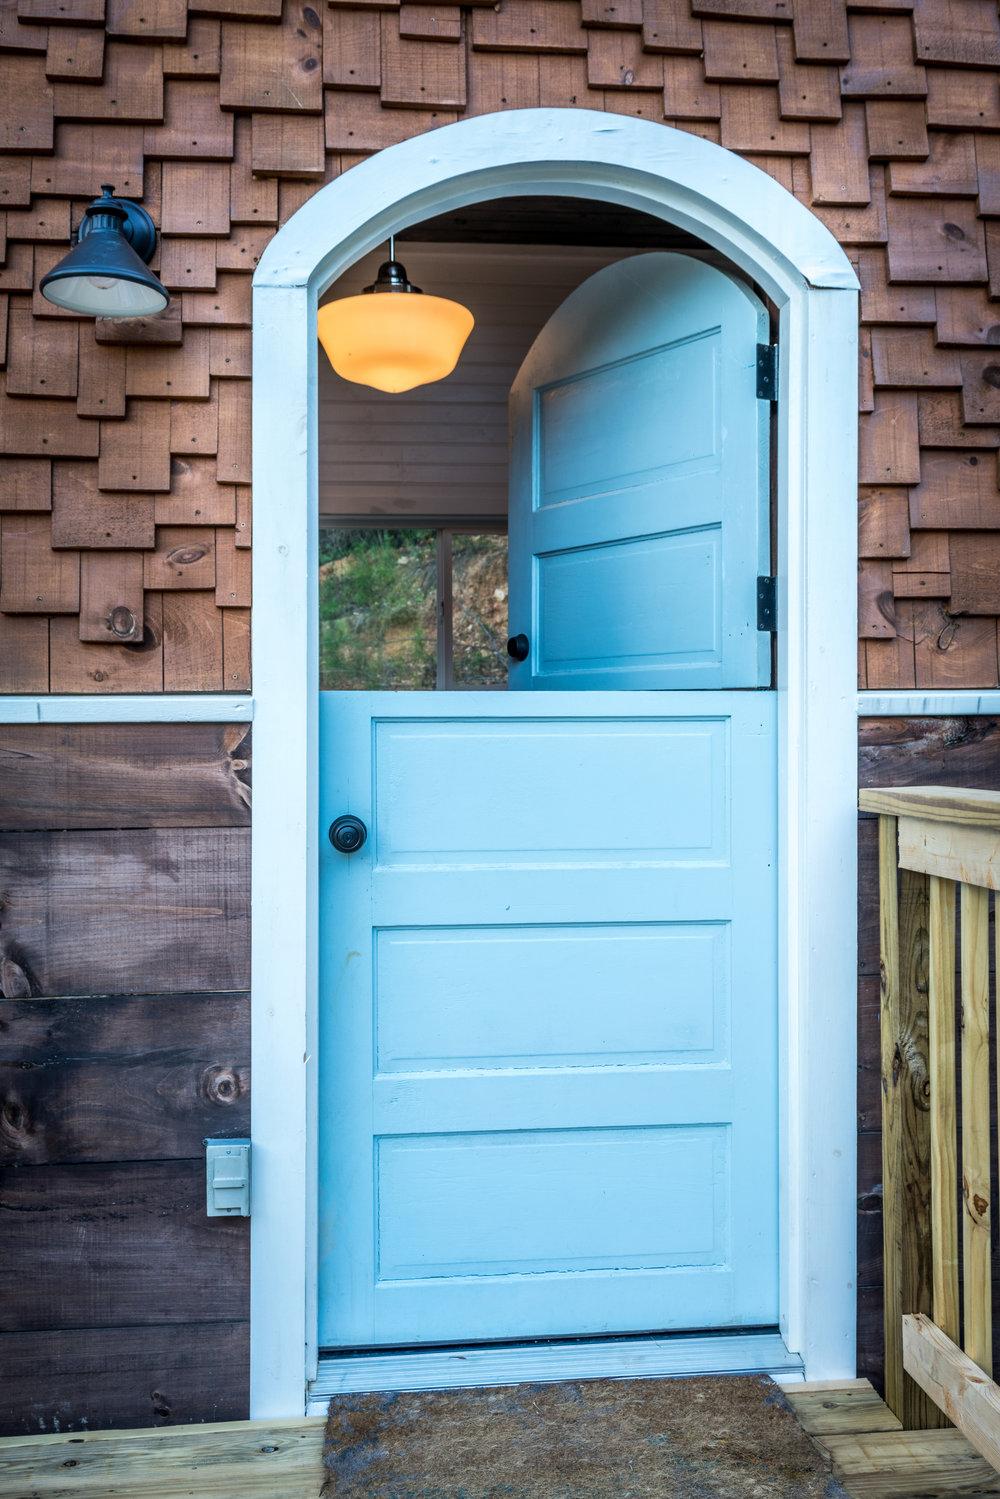 old-blue-chair-tiny-house-2.jpg